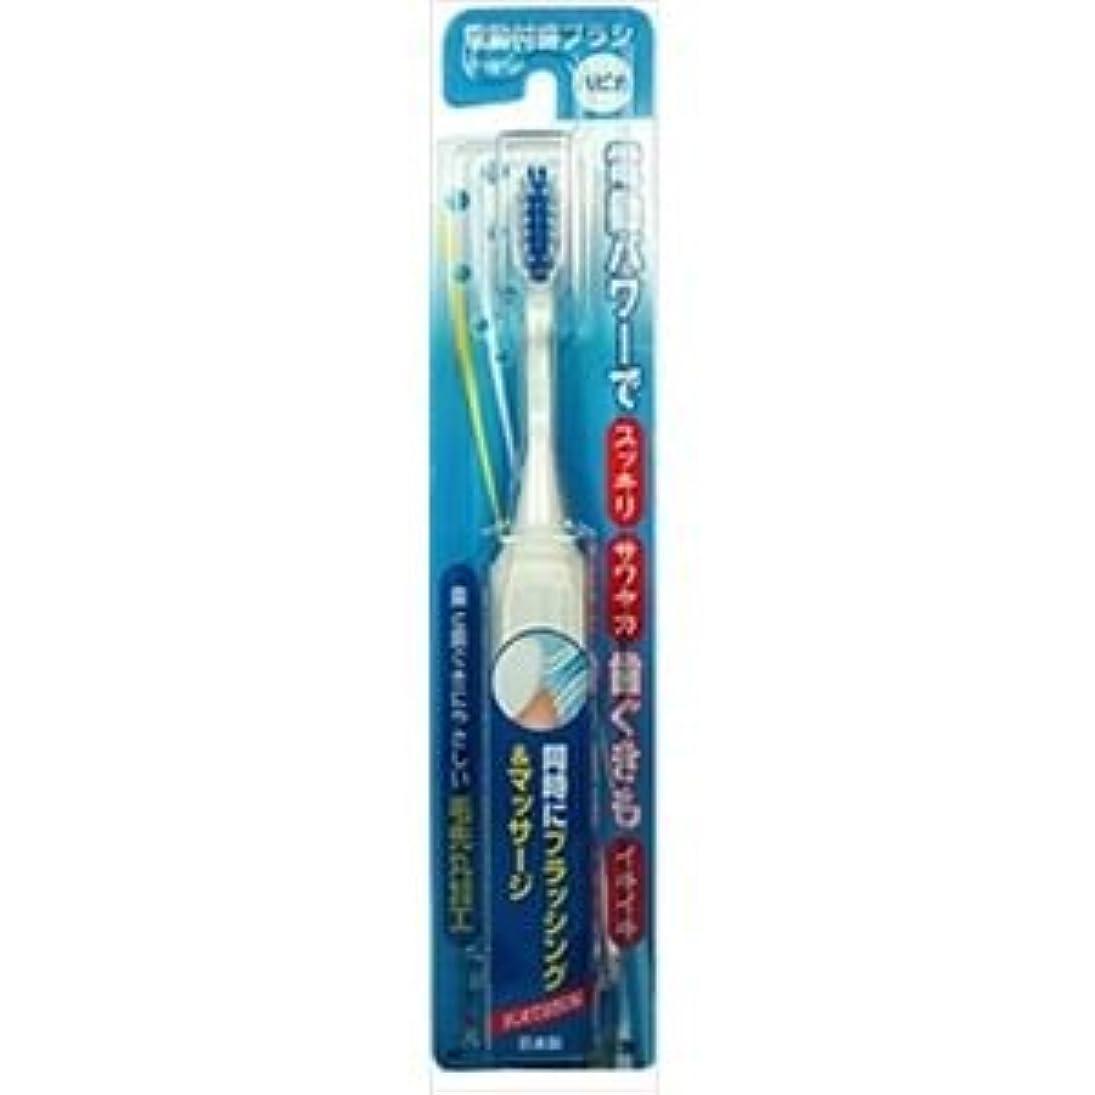 振動する沿ってコマンド(まとめ)ミニマムハピカ電動歯ブラシDB-3W 【×3点セット】